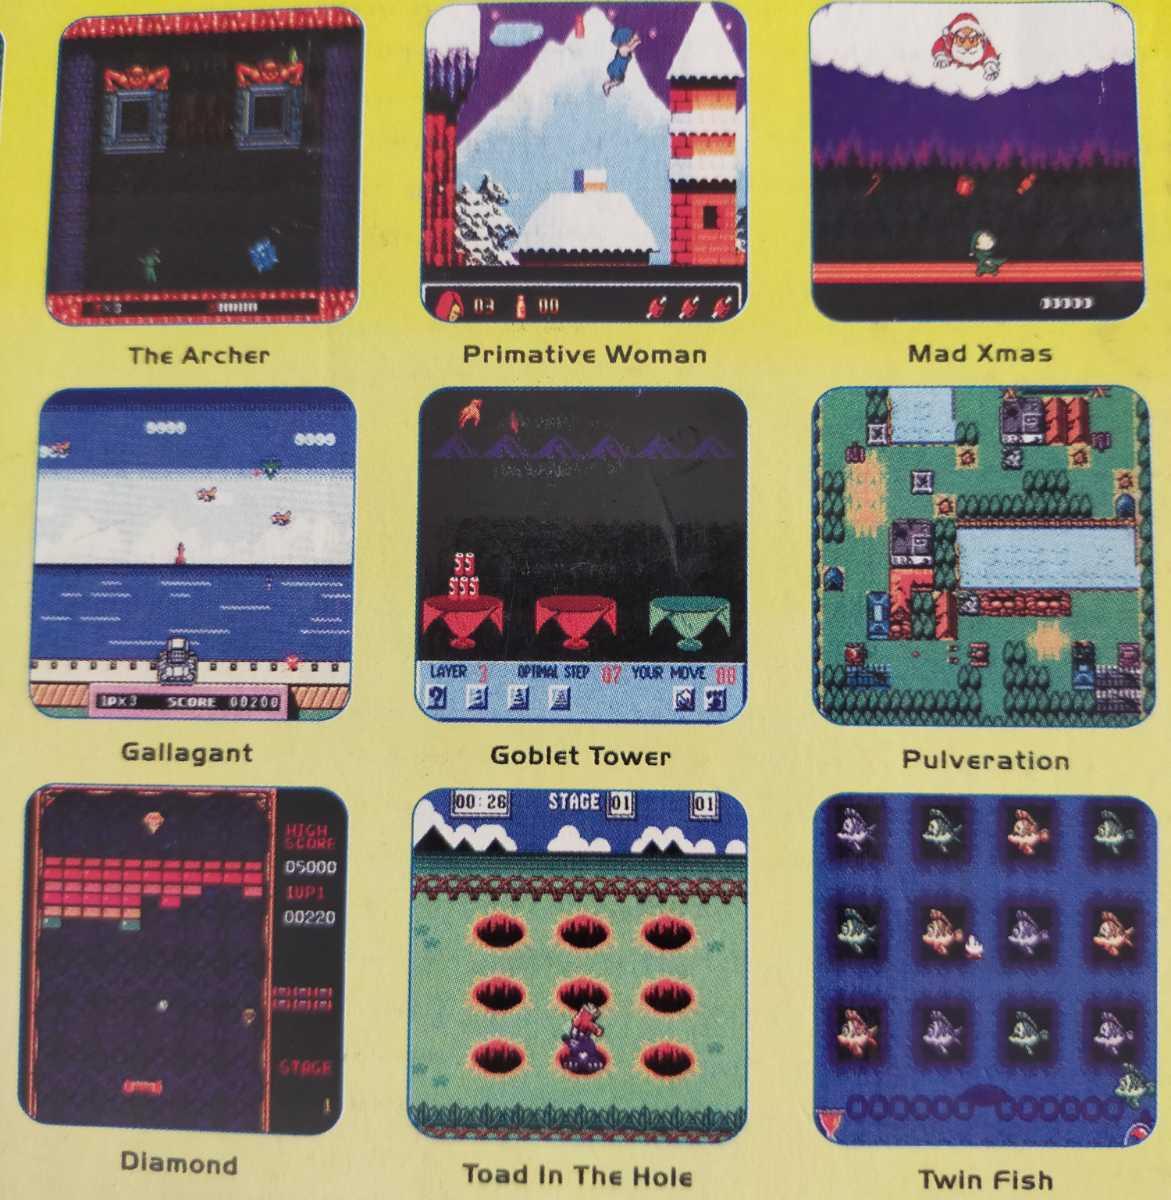 開封済 Streamline TV ゲーム 38種類のゲーム機 振動機能付き